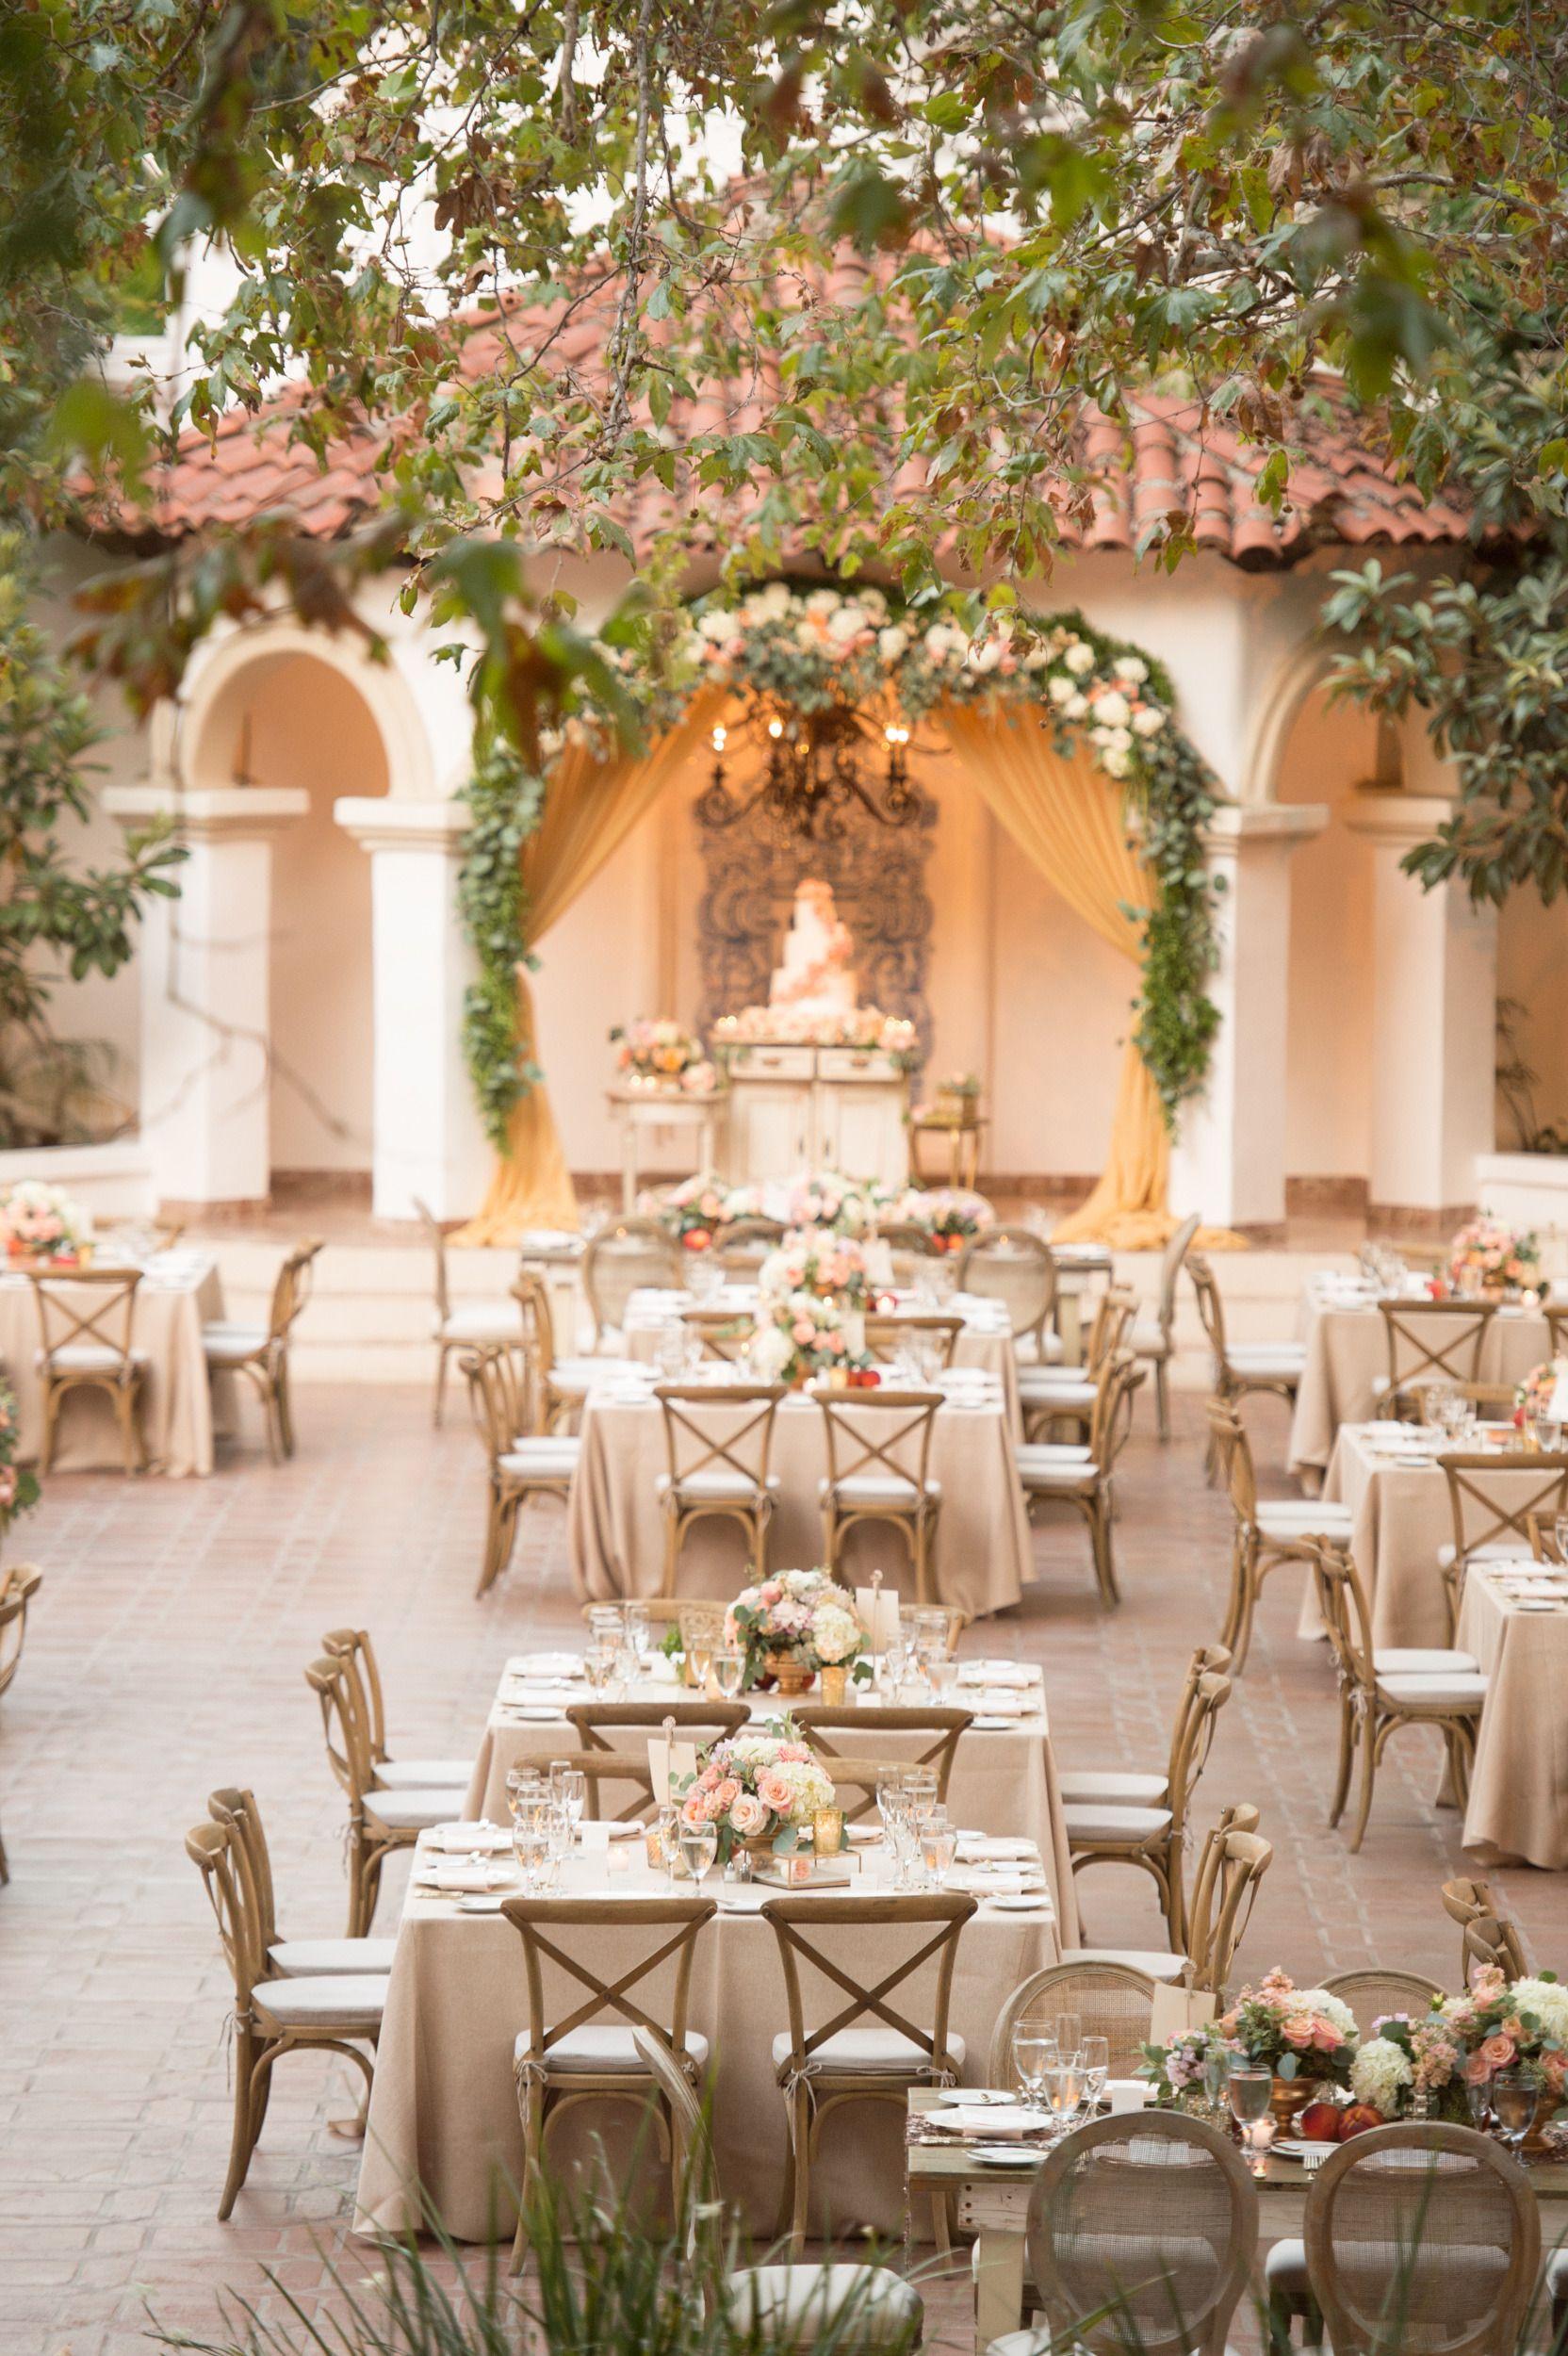 Romantic Rancho Las Lomas Summer Wedding in 2020